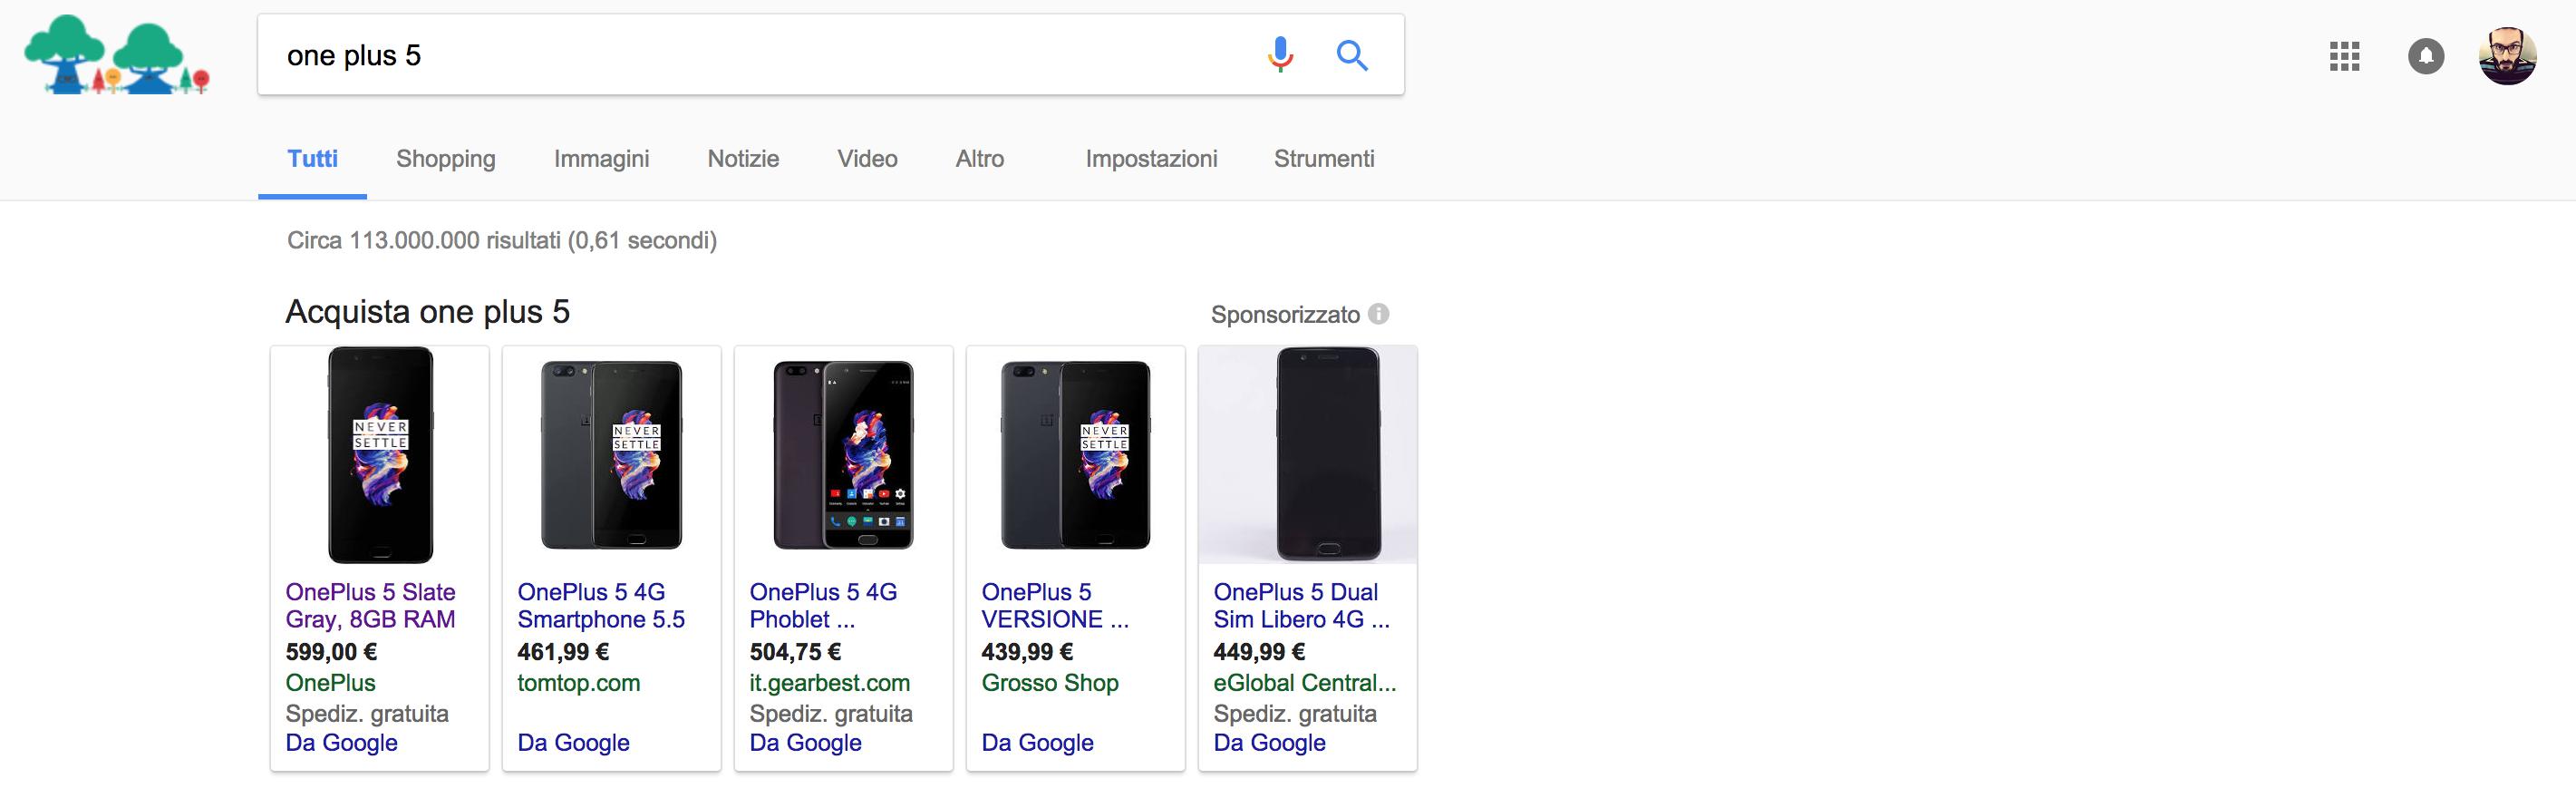 Google Vs Unione Europea il confronto dei prezzi su Google